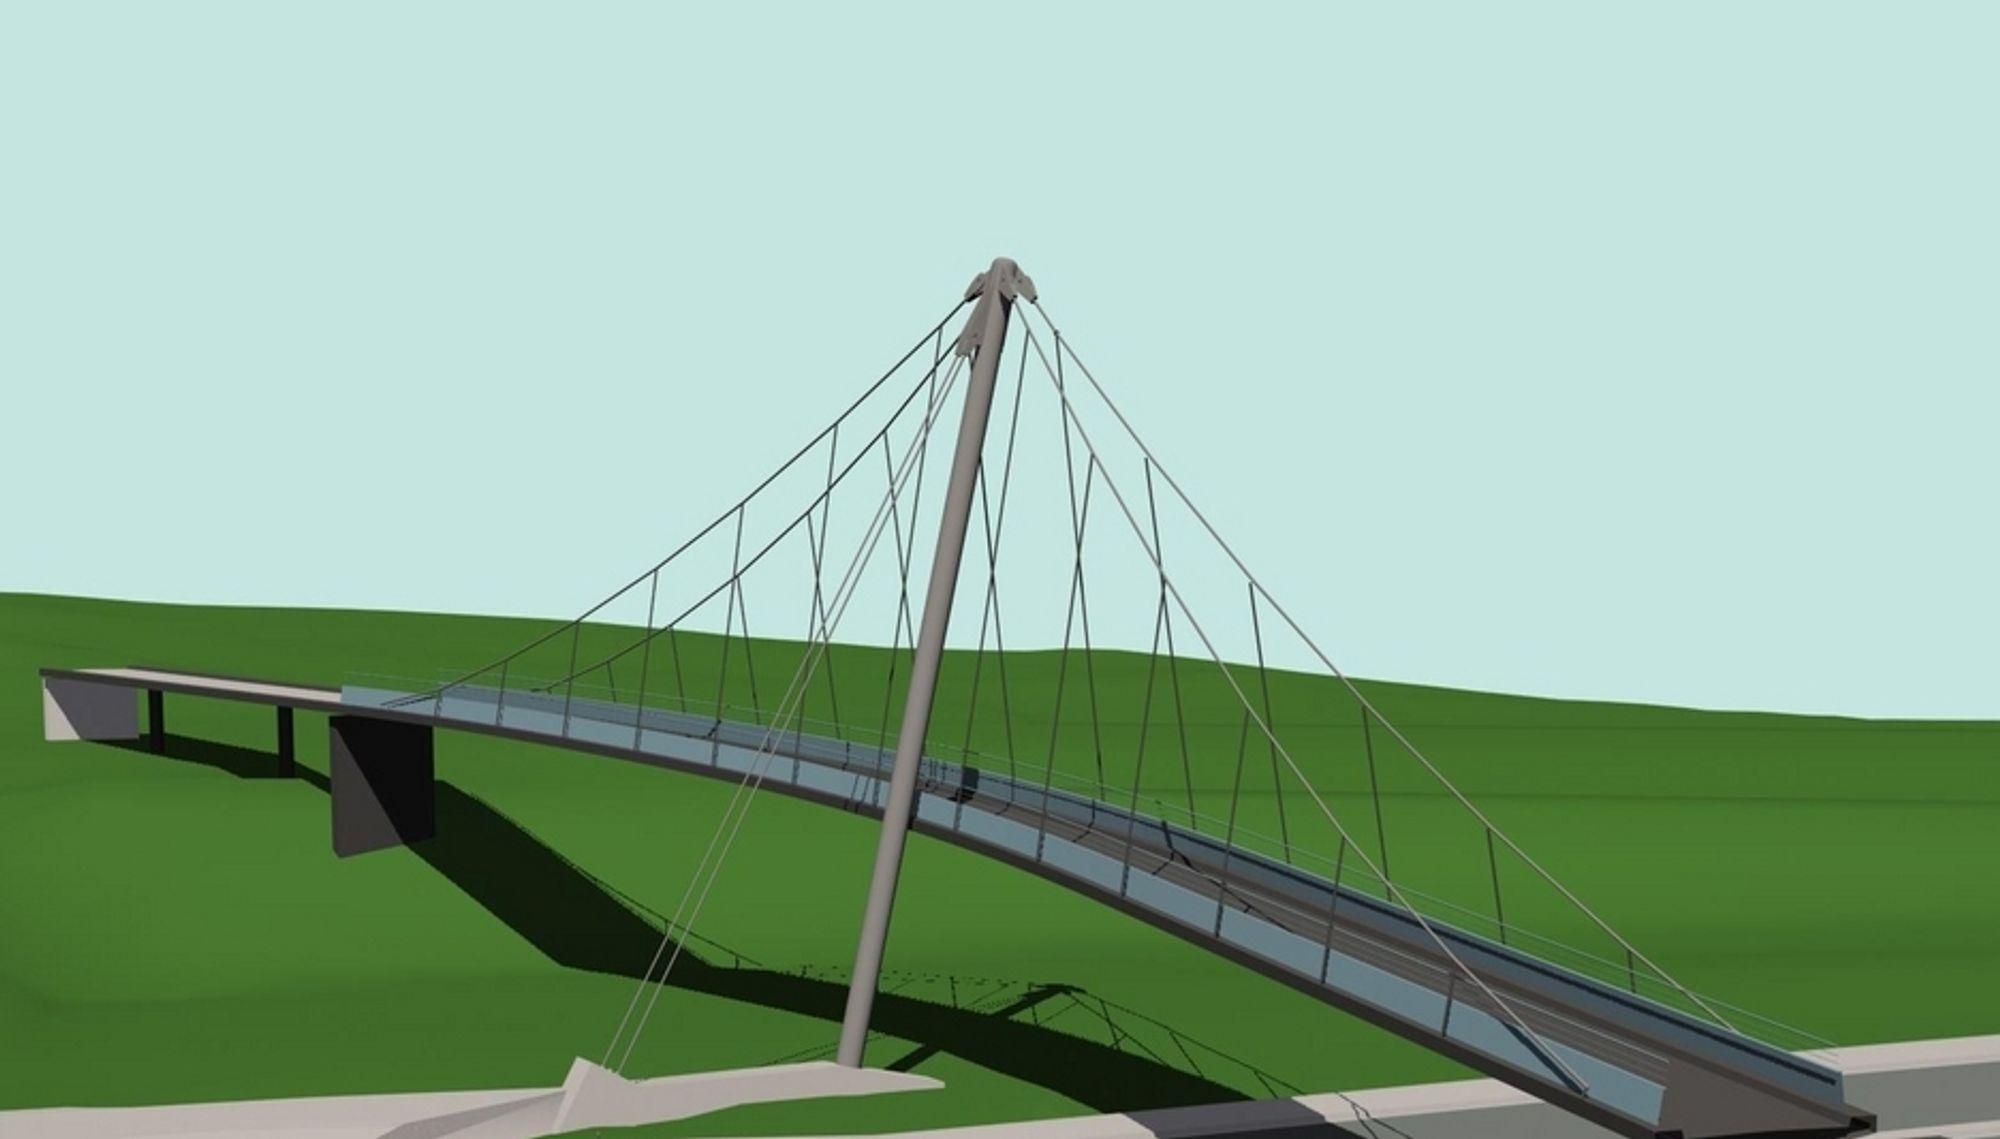 Til tross for skyhøye anbud blir denne brua bygd slik Aas-Jakobsen og  Arkitektskap har prosjektert den. Entreprenørarbeidet blir utført av Eco Bygg.